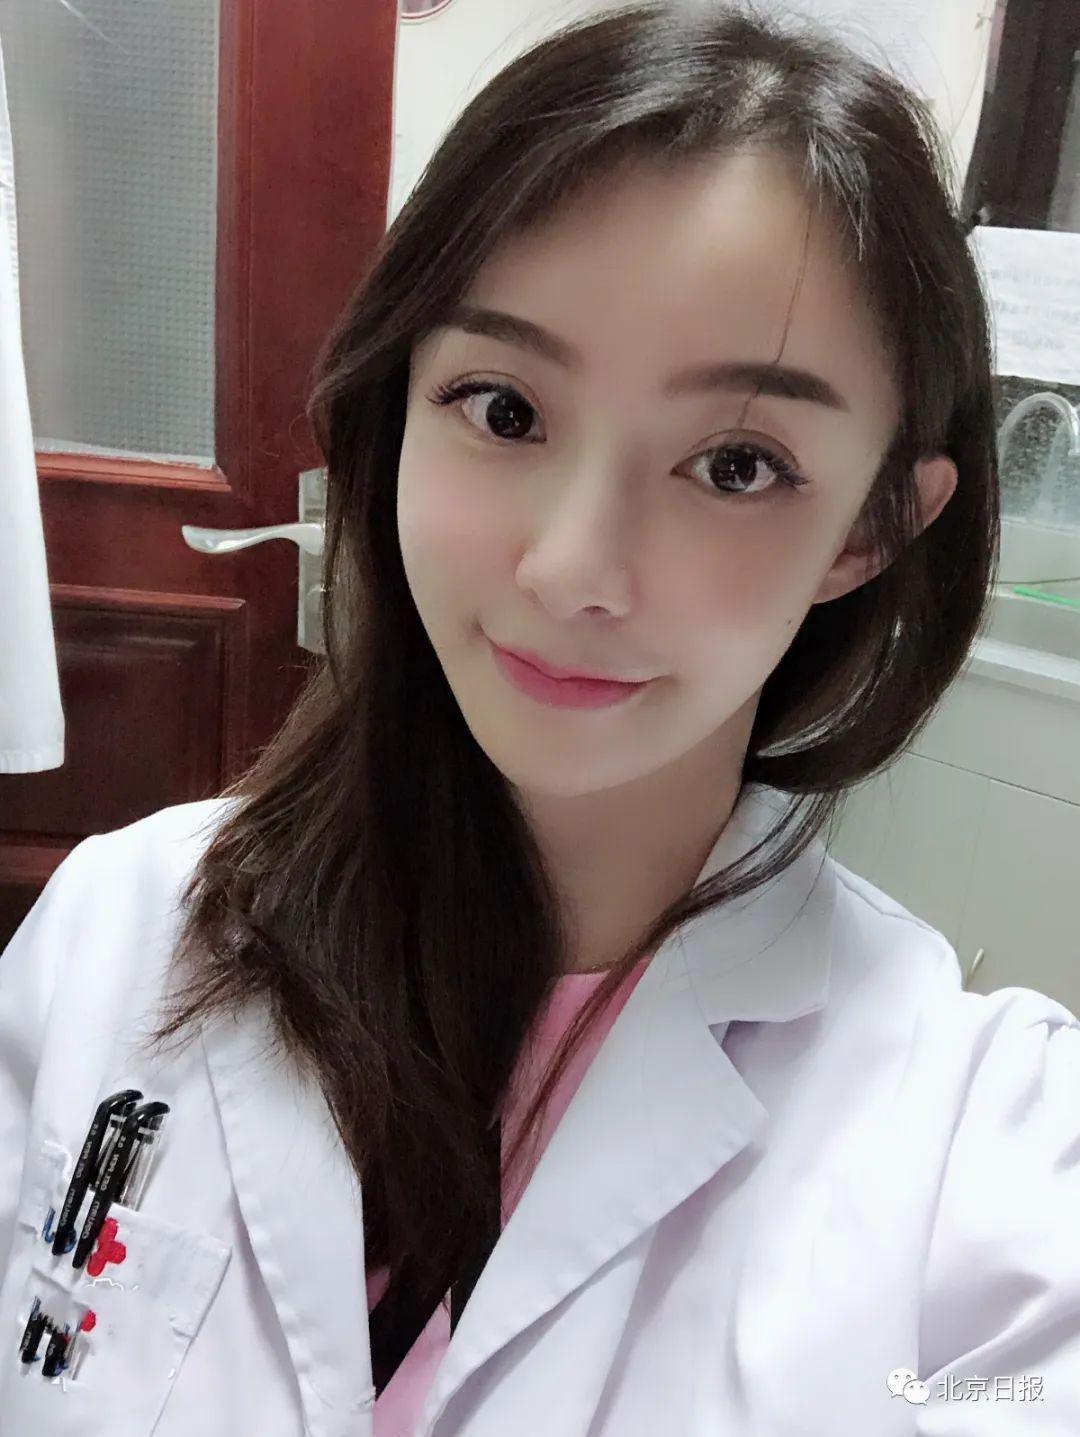 網友肉搜後,發現這位女子不但是位醫師,而且顏值爆表。(翻攝微博)